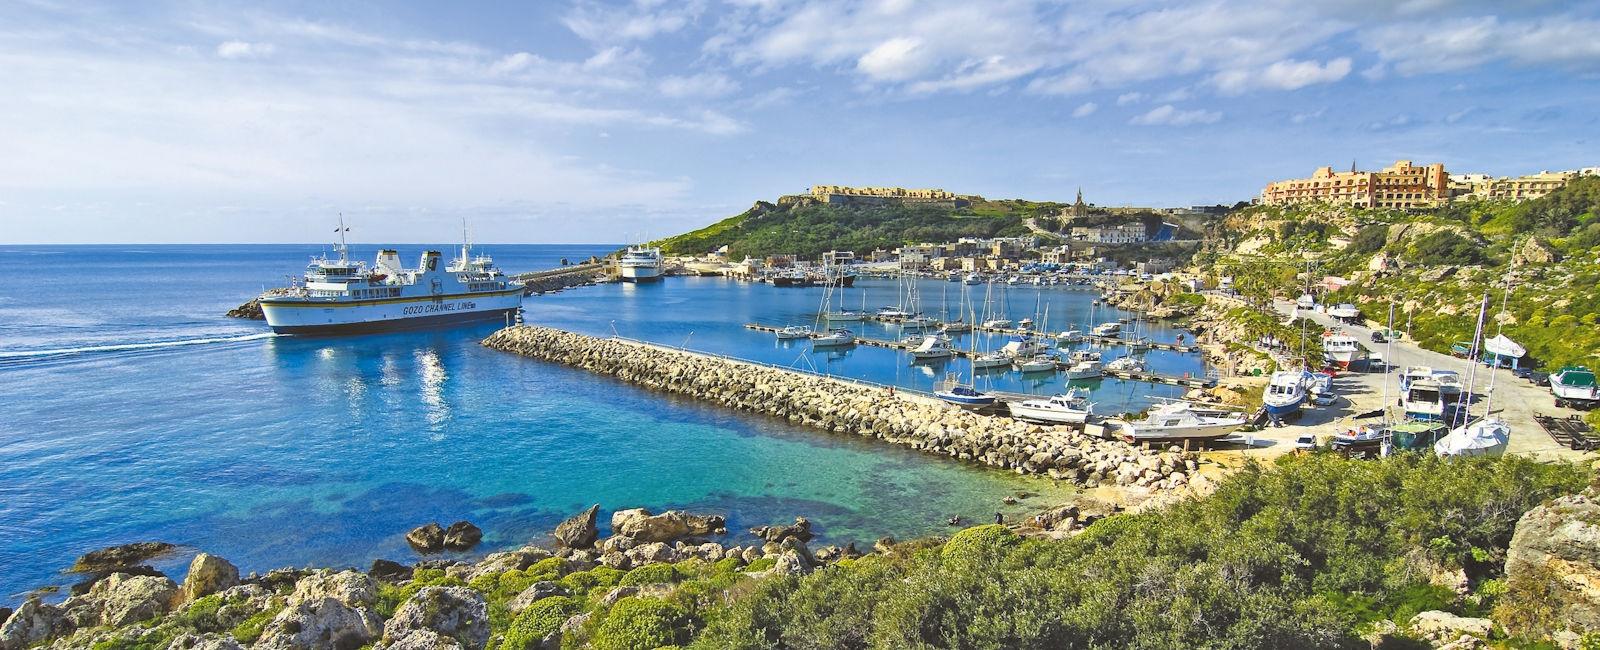 Malta and Gozo main image